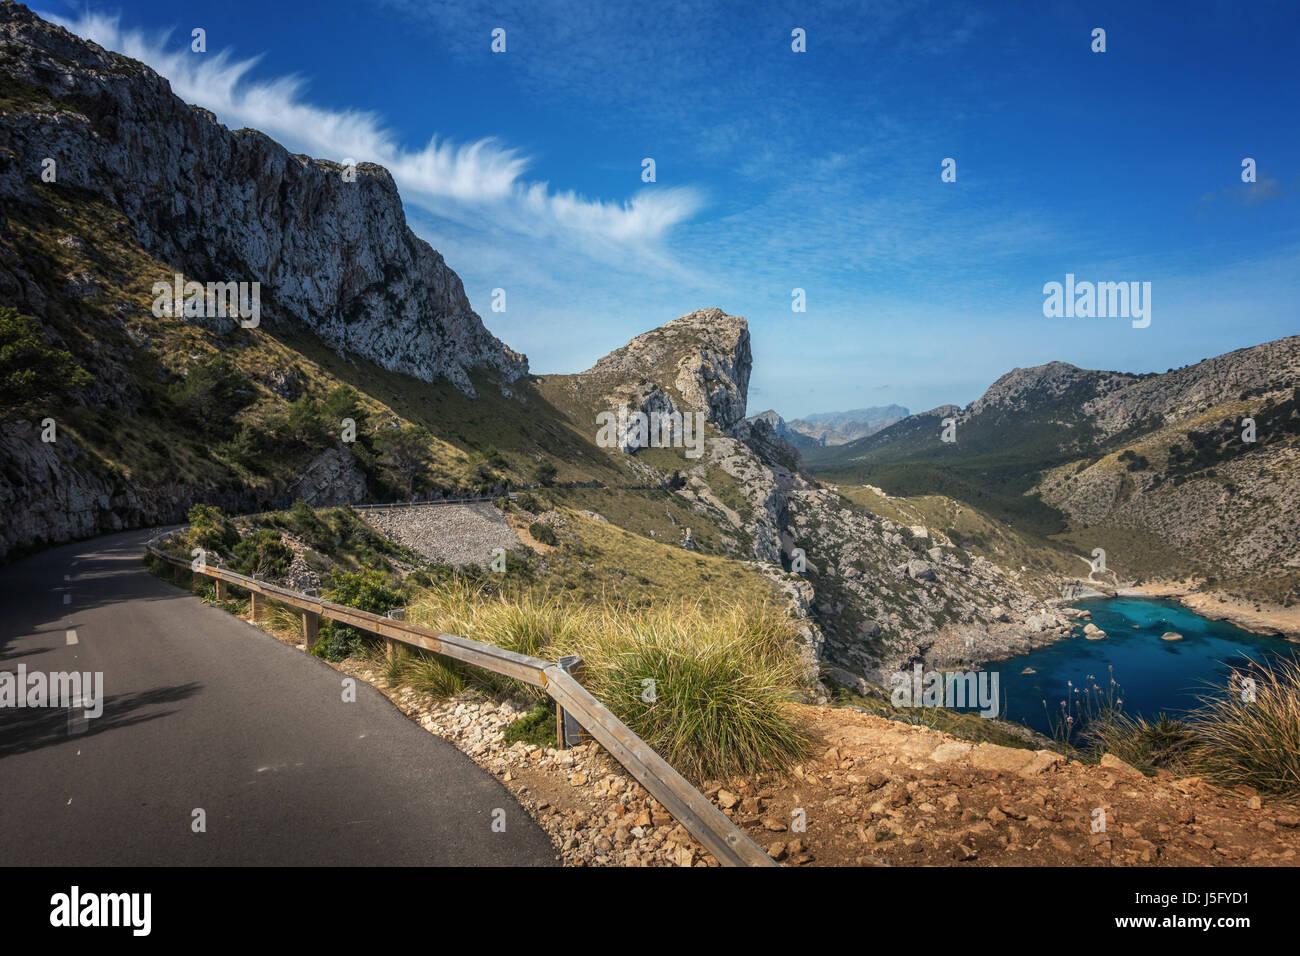 Les belles routes panoramiques du Cap de Formentor, Majorque, Majorque, Îles Baléares, Espagne Photo Stock